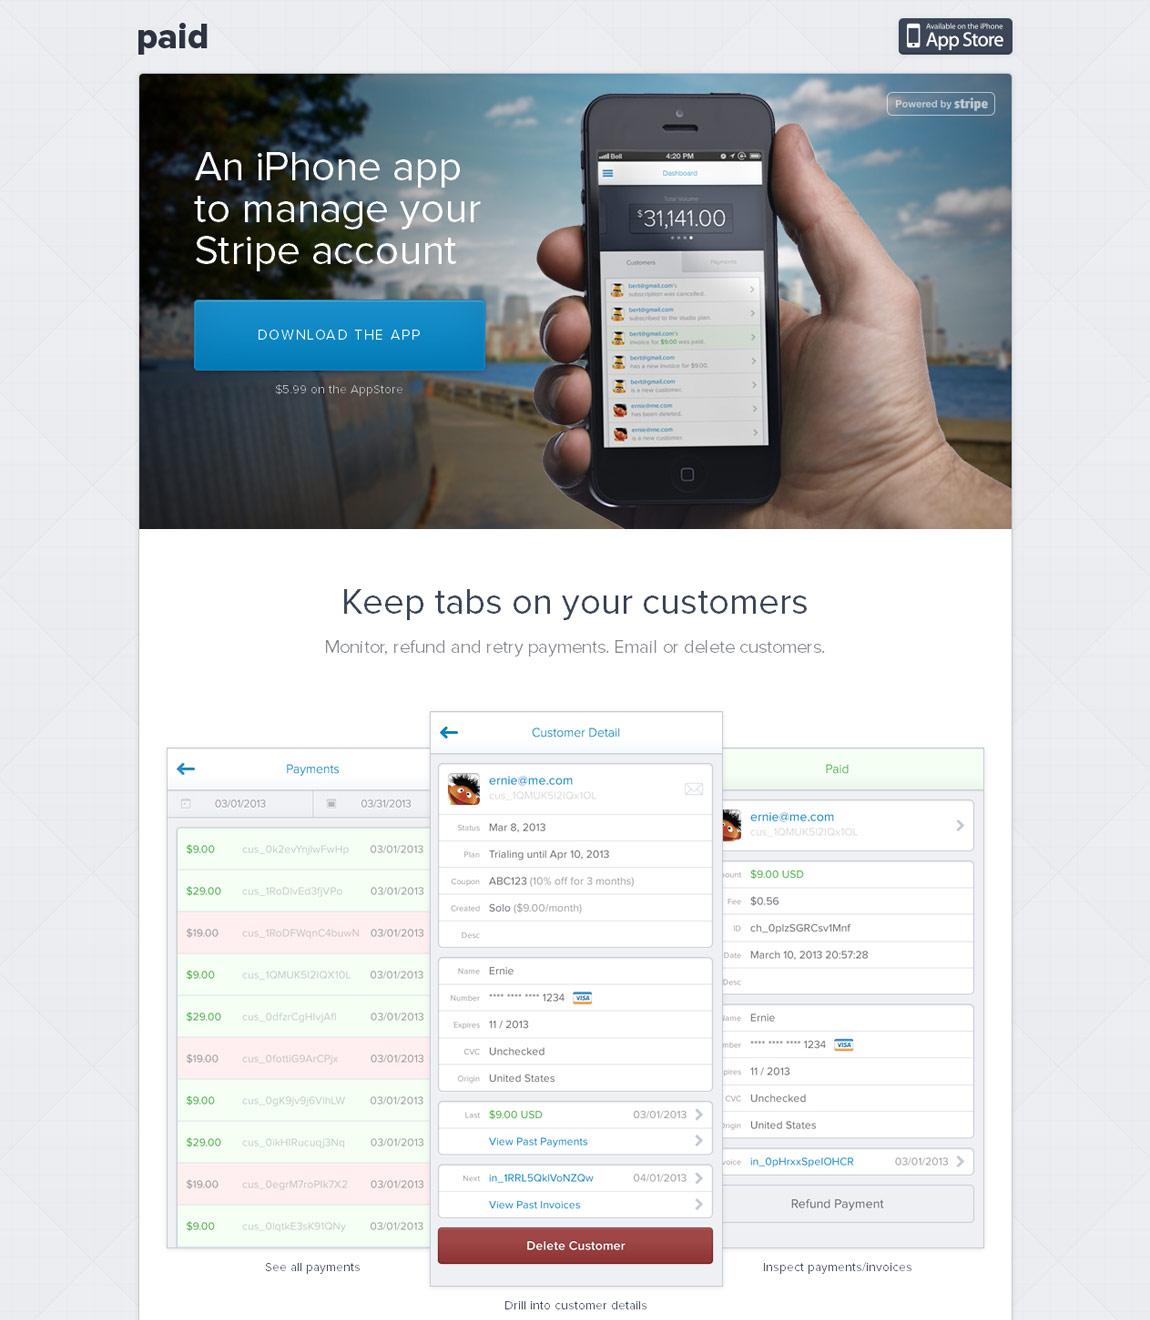 Paid Website Screenshot